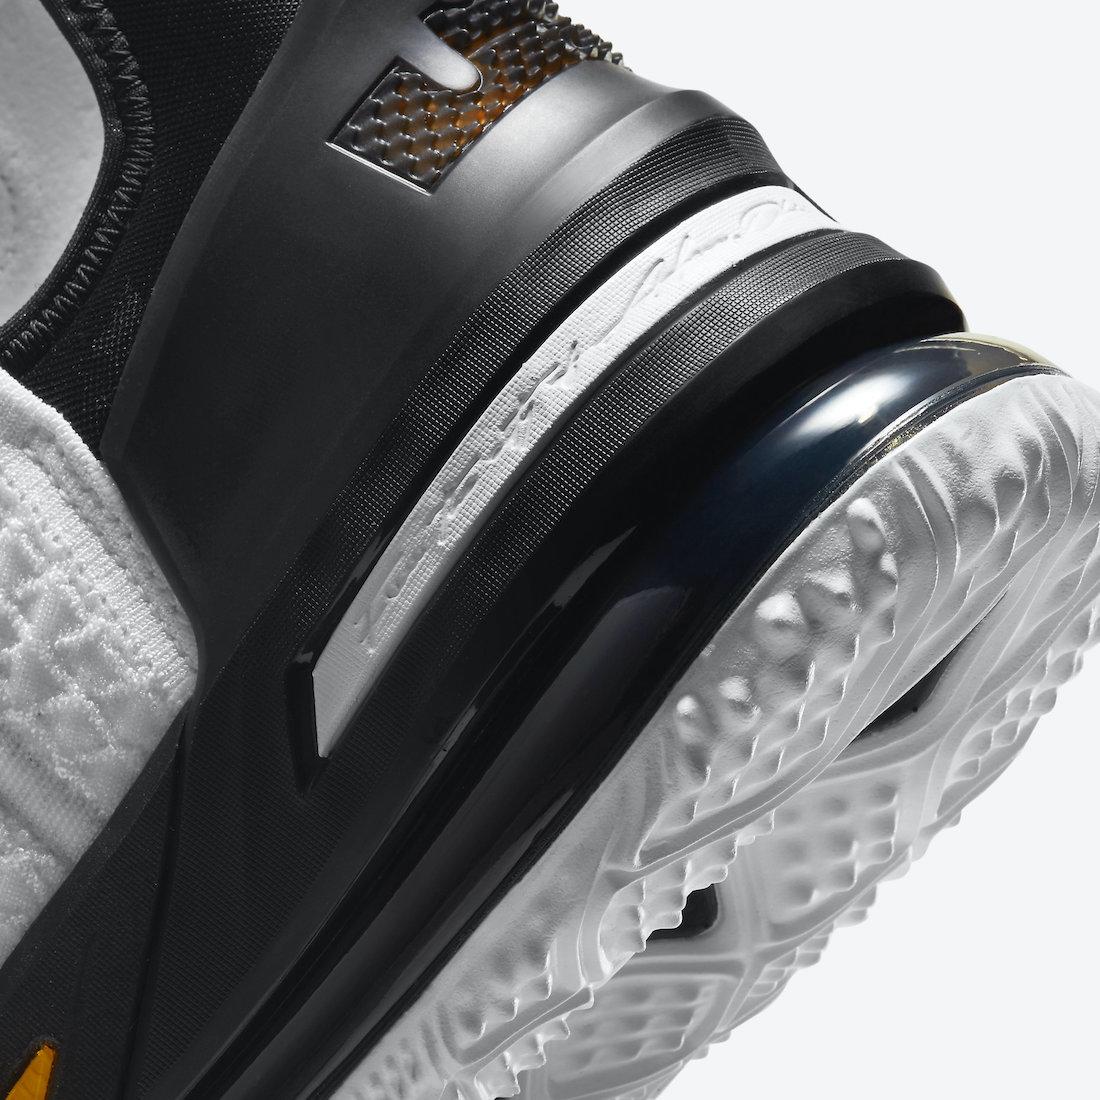 Nike-LeBron-18-Home-White-Amarillo-Black-CQ9283-100-Release-Date-7